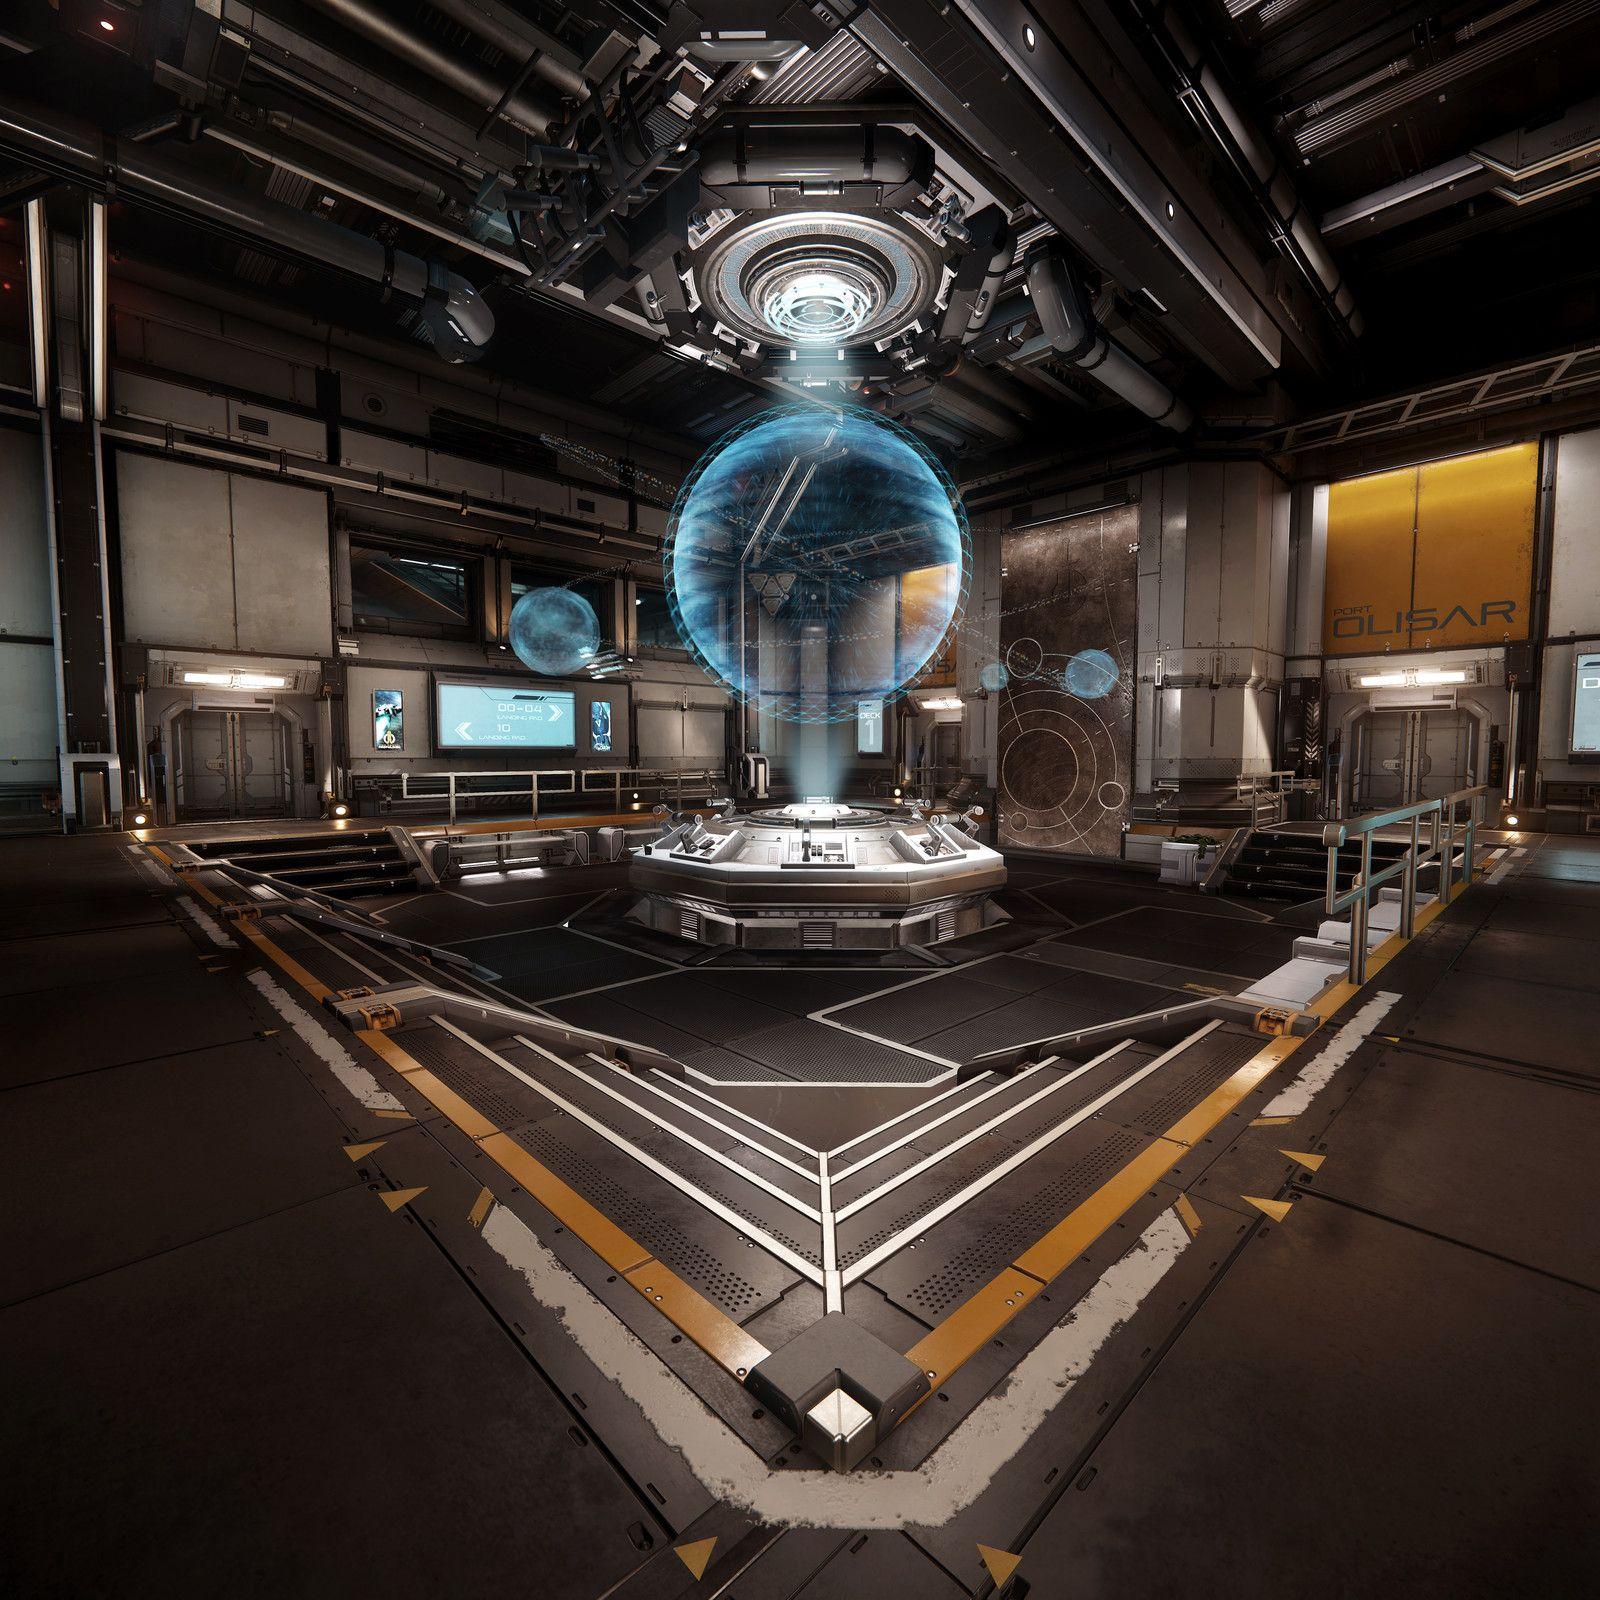 сериала внутри инопланетного корабля картинки очень рано, несмотря